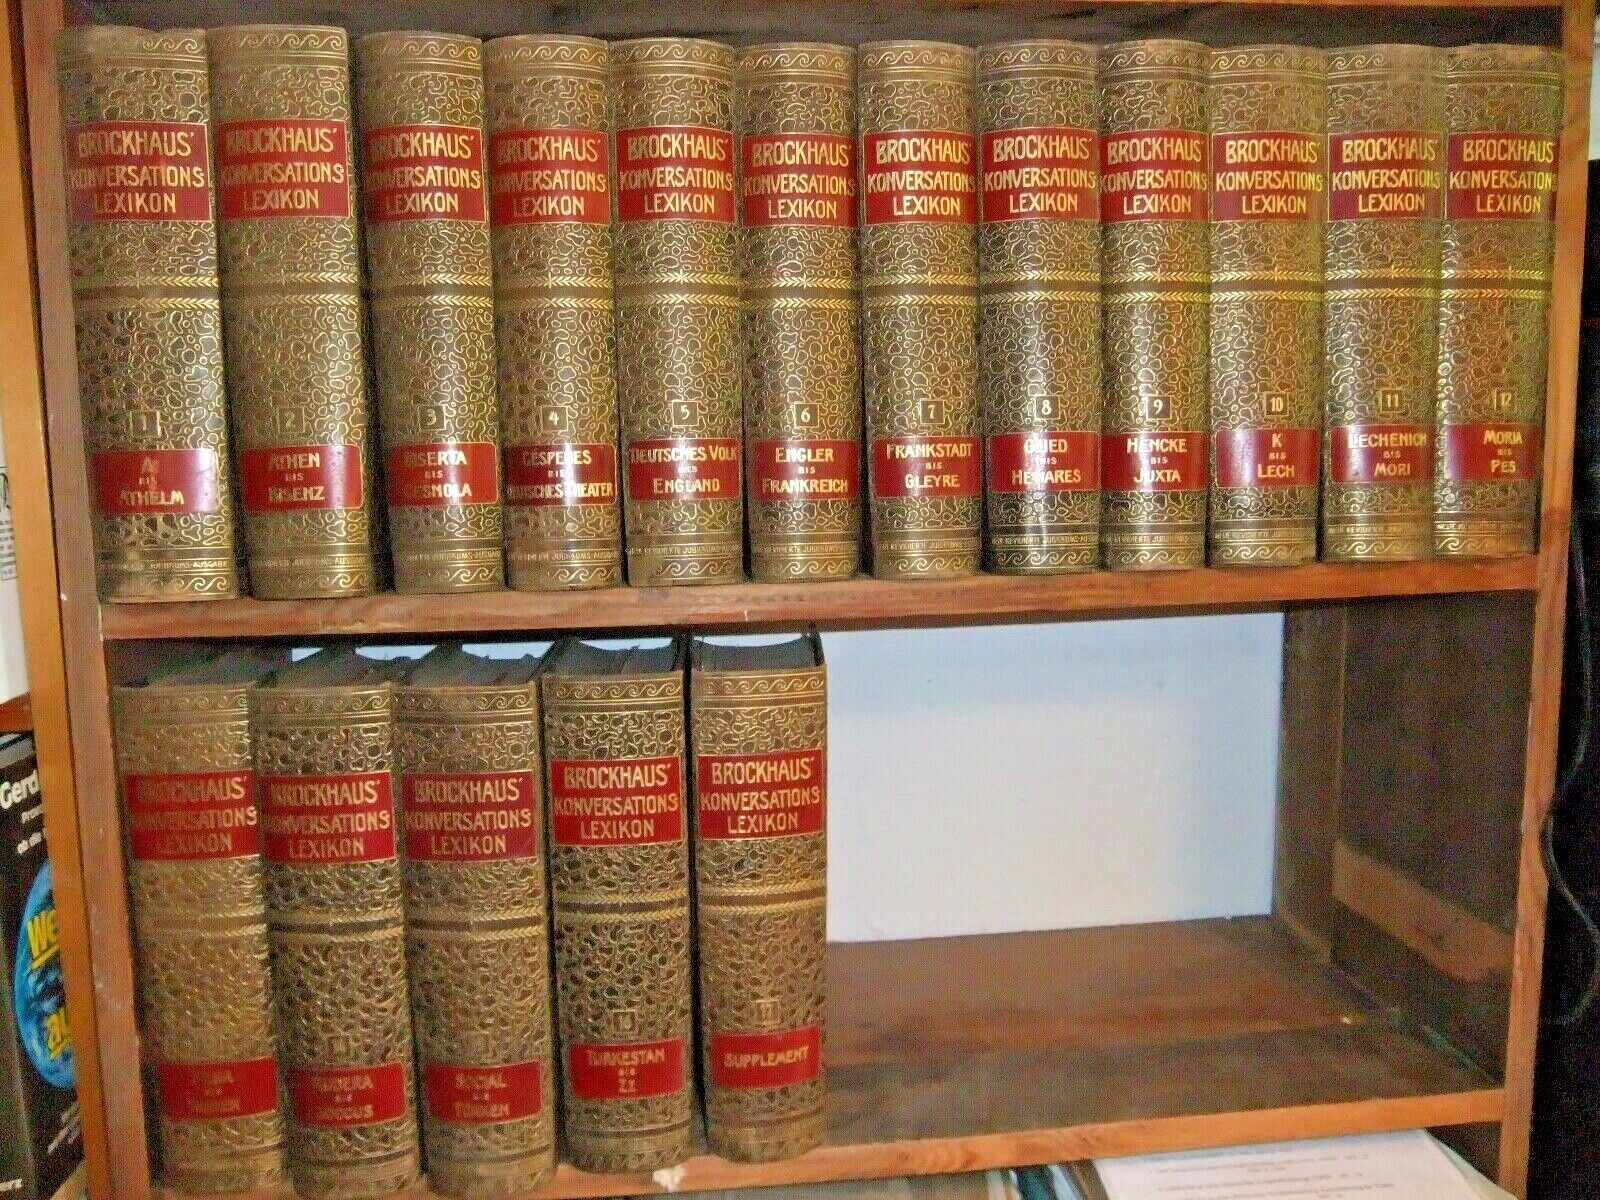 Brockhaus Konversationslexikon von 1908, 16 Bände + 1 Supplementband von1910